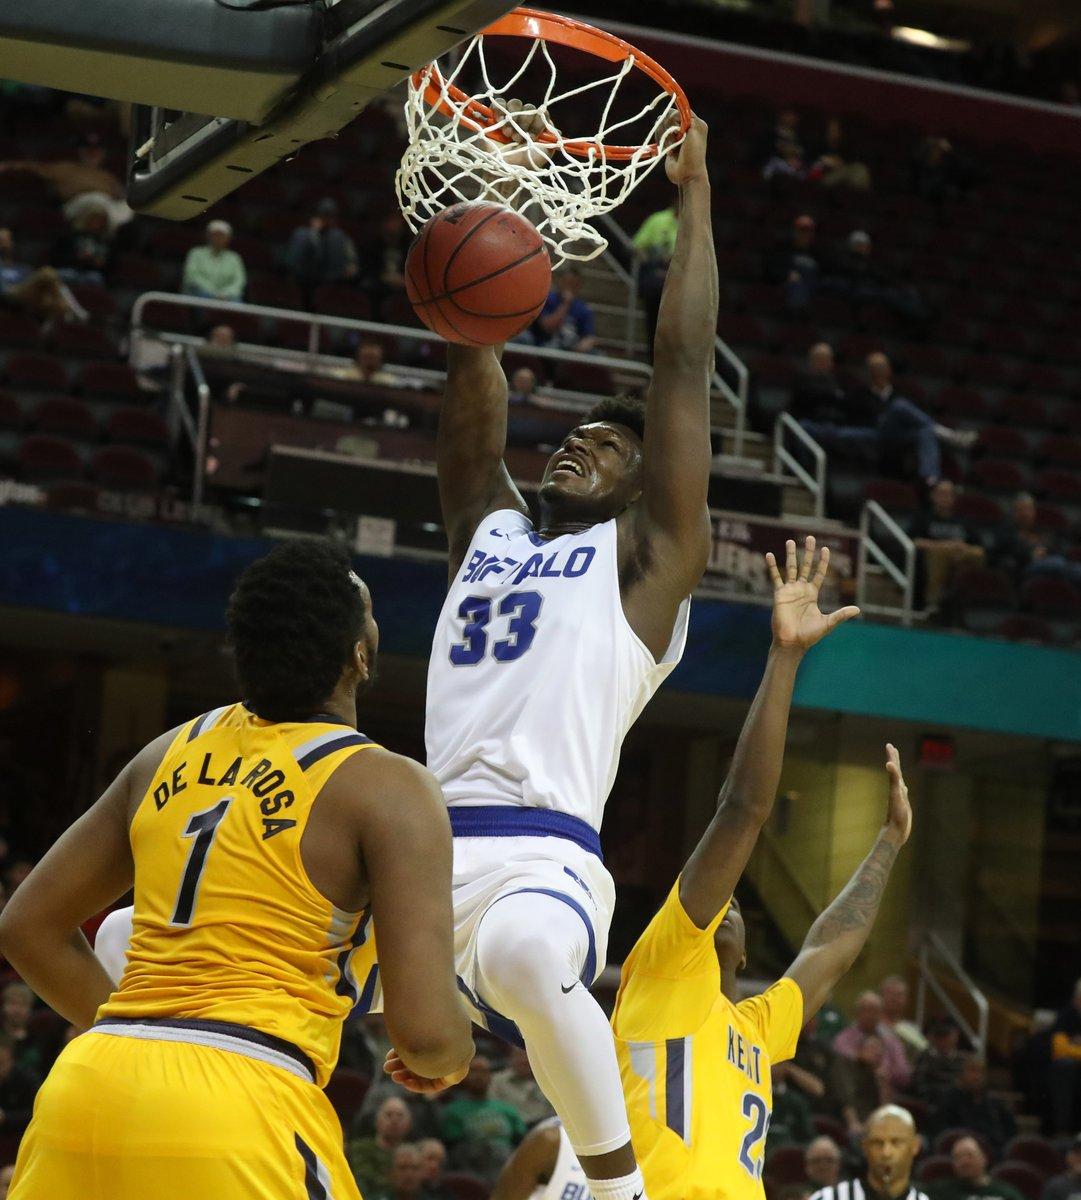 UB's Nick Perkins dunks vs. Kent State. (James P. McCoy/Buffalo News)